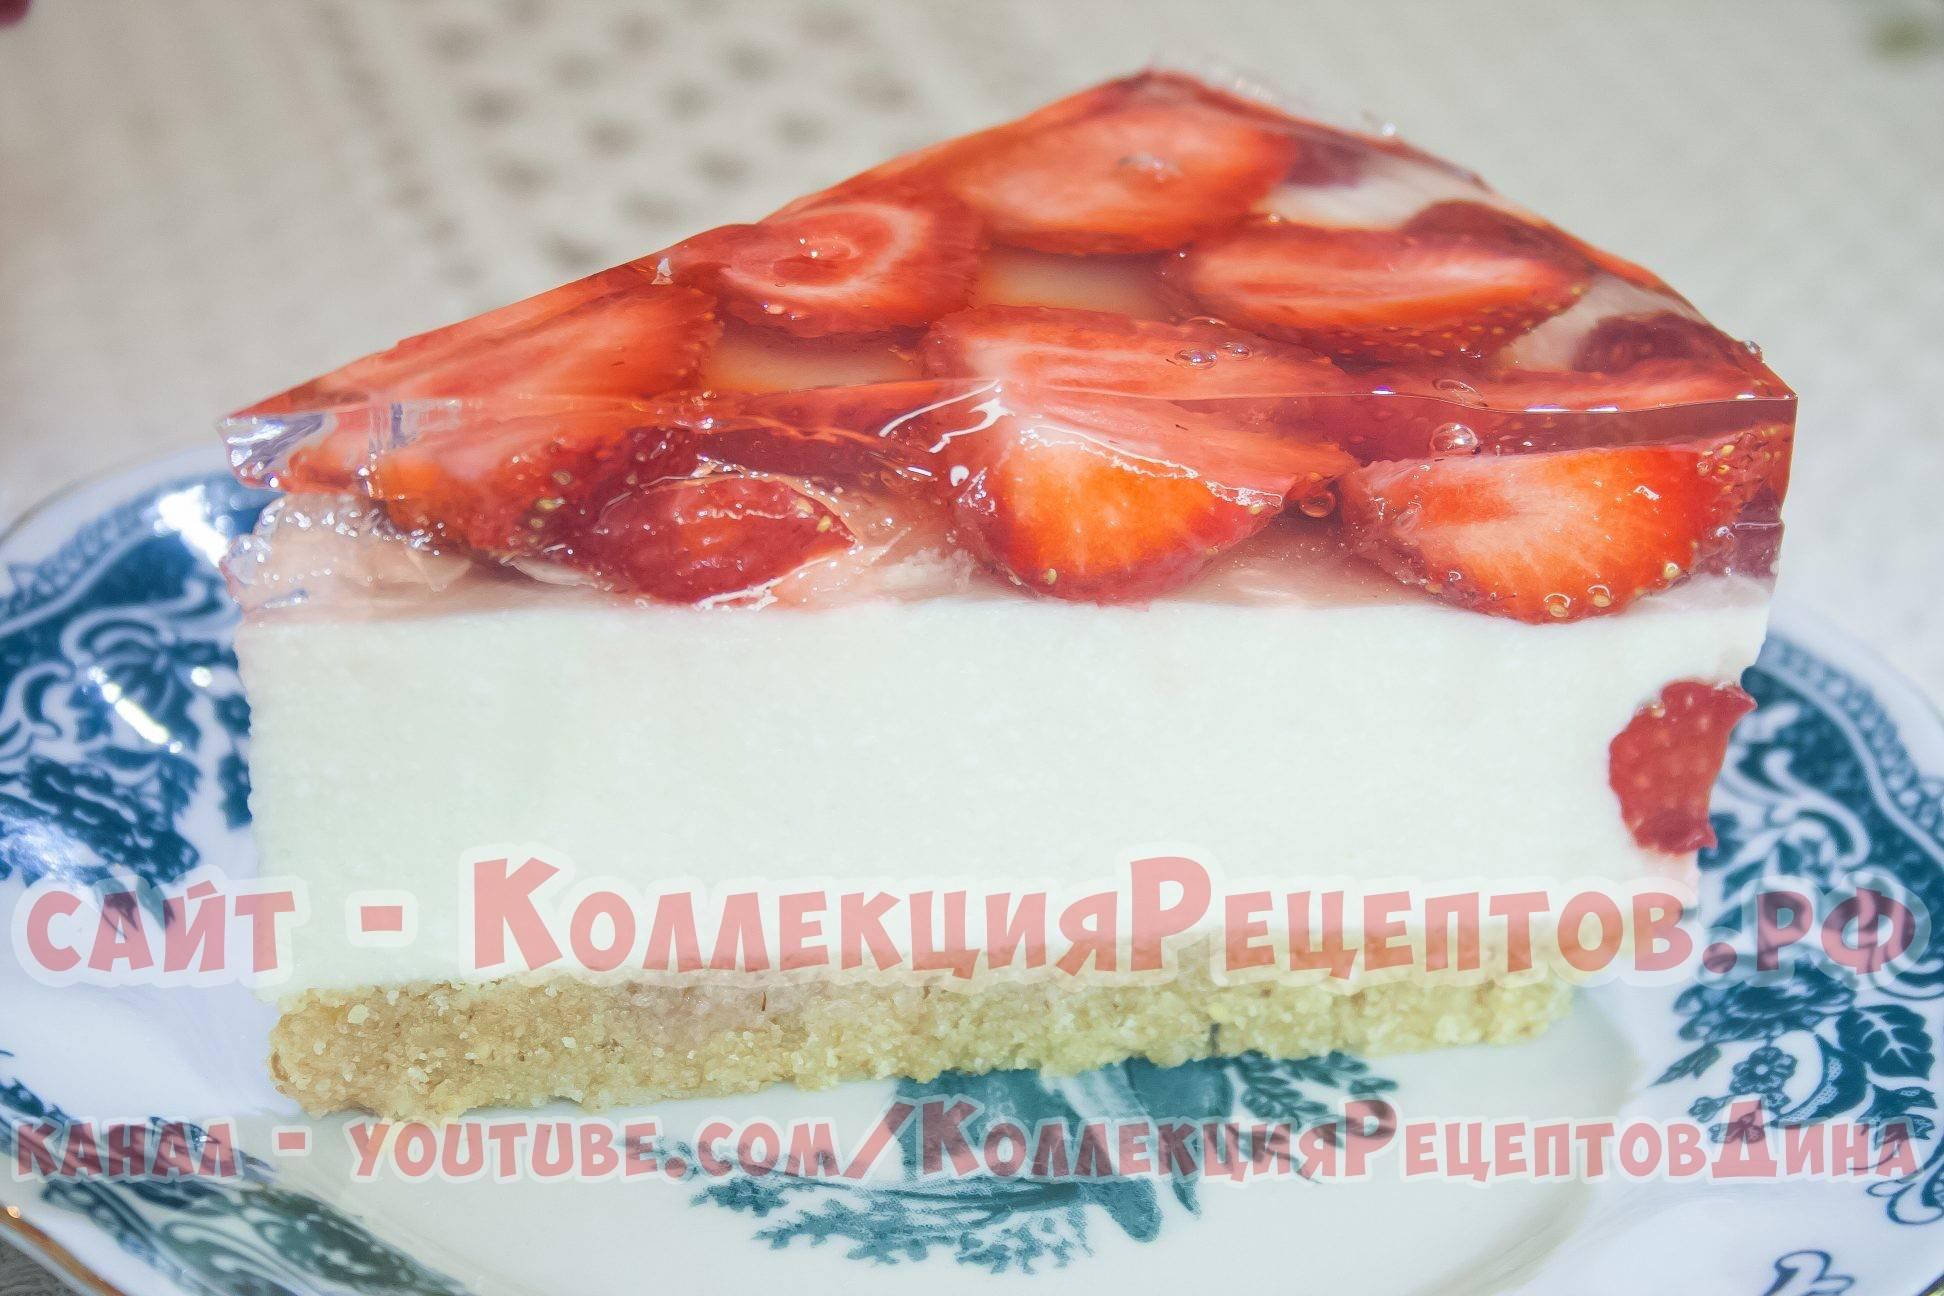 Рецепты клубничных пирогов со свежей или замороженной ягодой